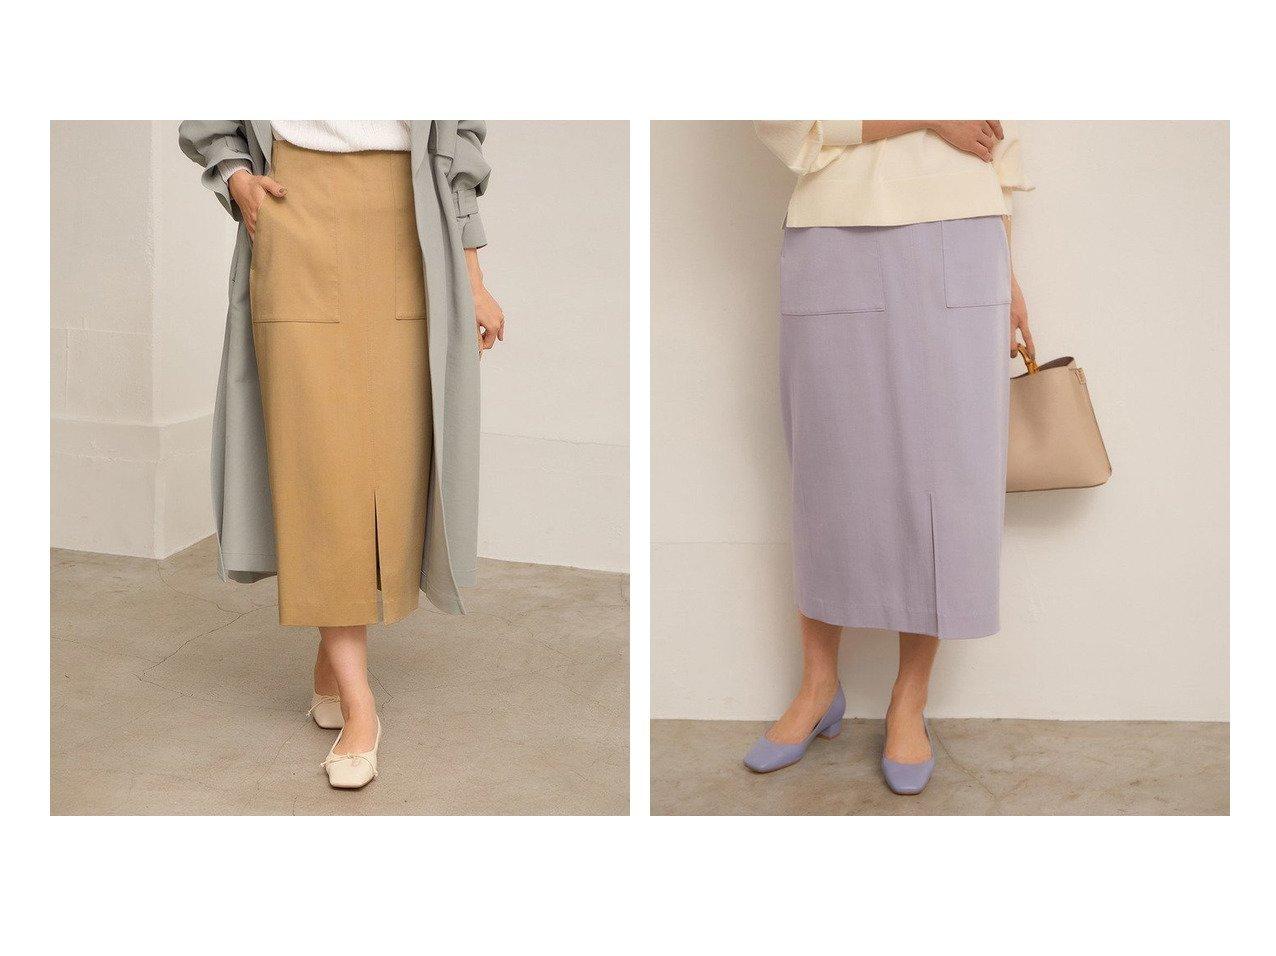 【ROPE'/ロペ】の【21SS】ポケット付きストレッチタイトスカート 【スカート】おすすめ!人気、トレンド・レディースファッションの通販 おすすめで人気の流行・トレンド、ファッションの通販商品 メンズファッション・キッズファッション・インテリア・家具・レディースファッション・服の通販 founy(ファニー) https://founy.com/ ファッション Fashion レディースファッション WOMEN スカート Skirt ストレッチ スリット タイトスカート デニム フェミニン ベーシック ポケット ラベンダー 楽ちん 2021年 2021 S/S・春夏 SS・Spring/Summer 2021春夏・S/S SS/Spring/Summer/2021 おすすめ Recommend |ID:crp329100000035439